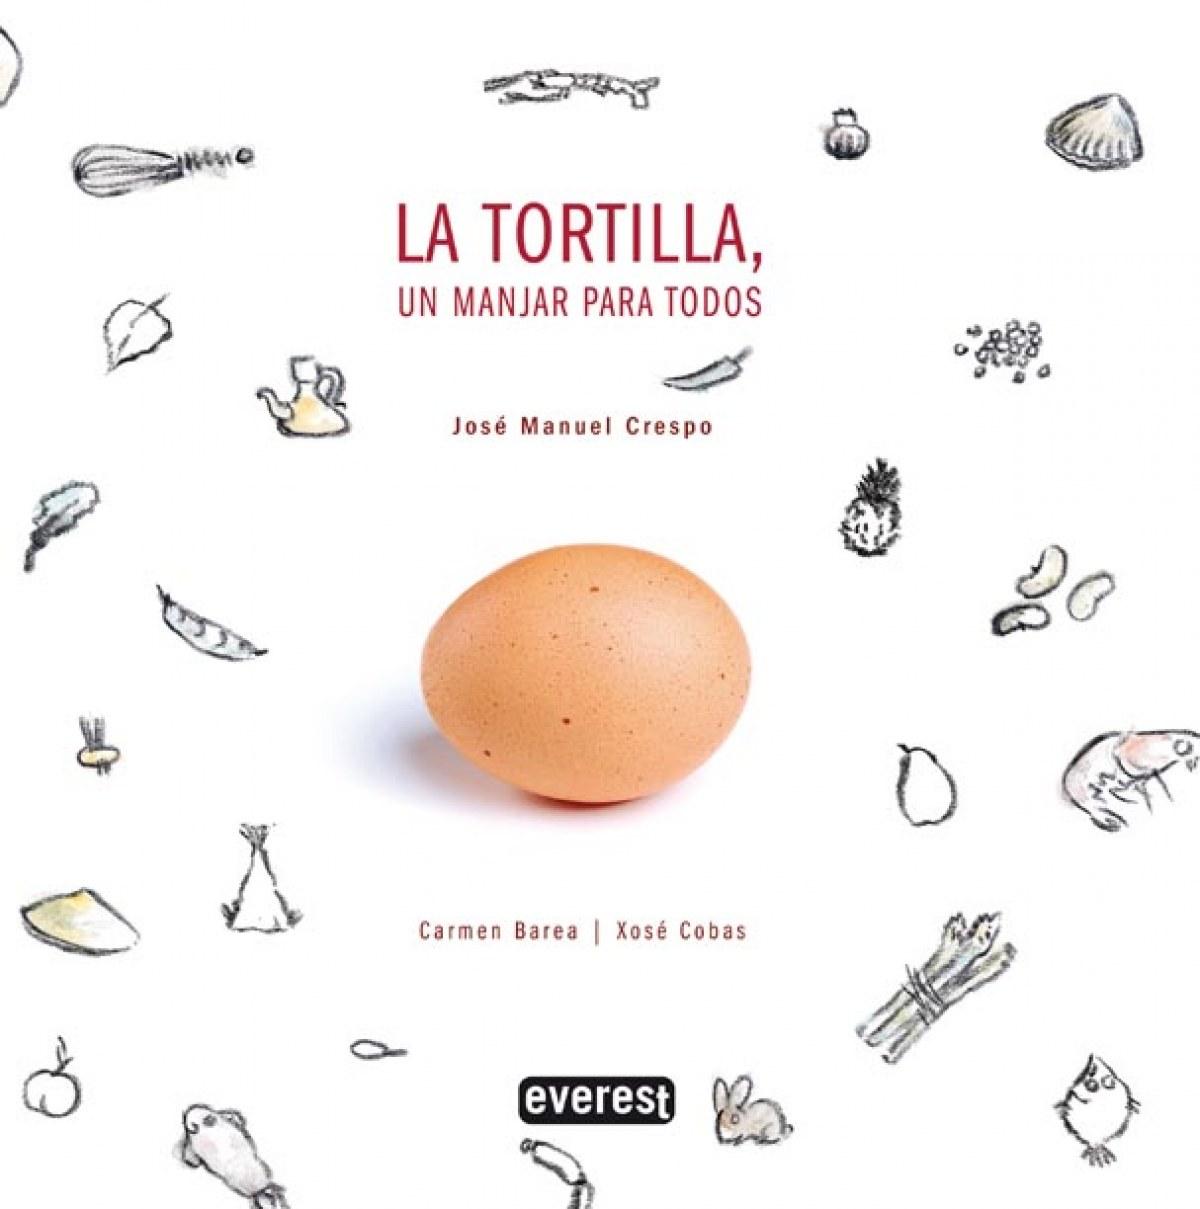 La Tortilla, un manjar para todos - José Manuel Crespo Fraga